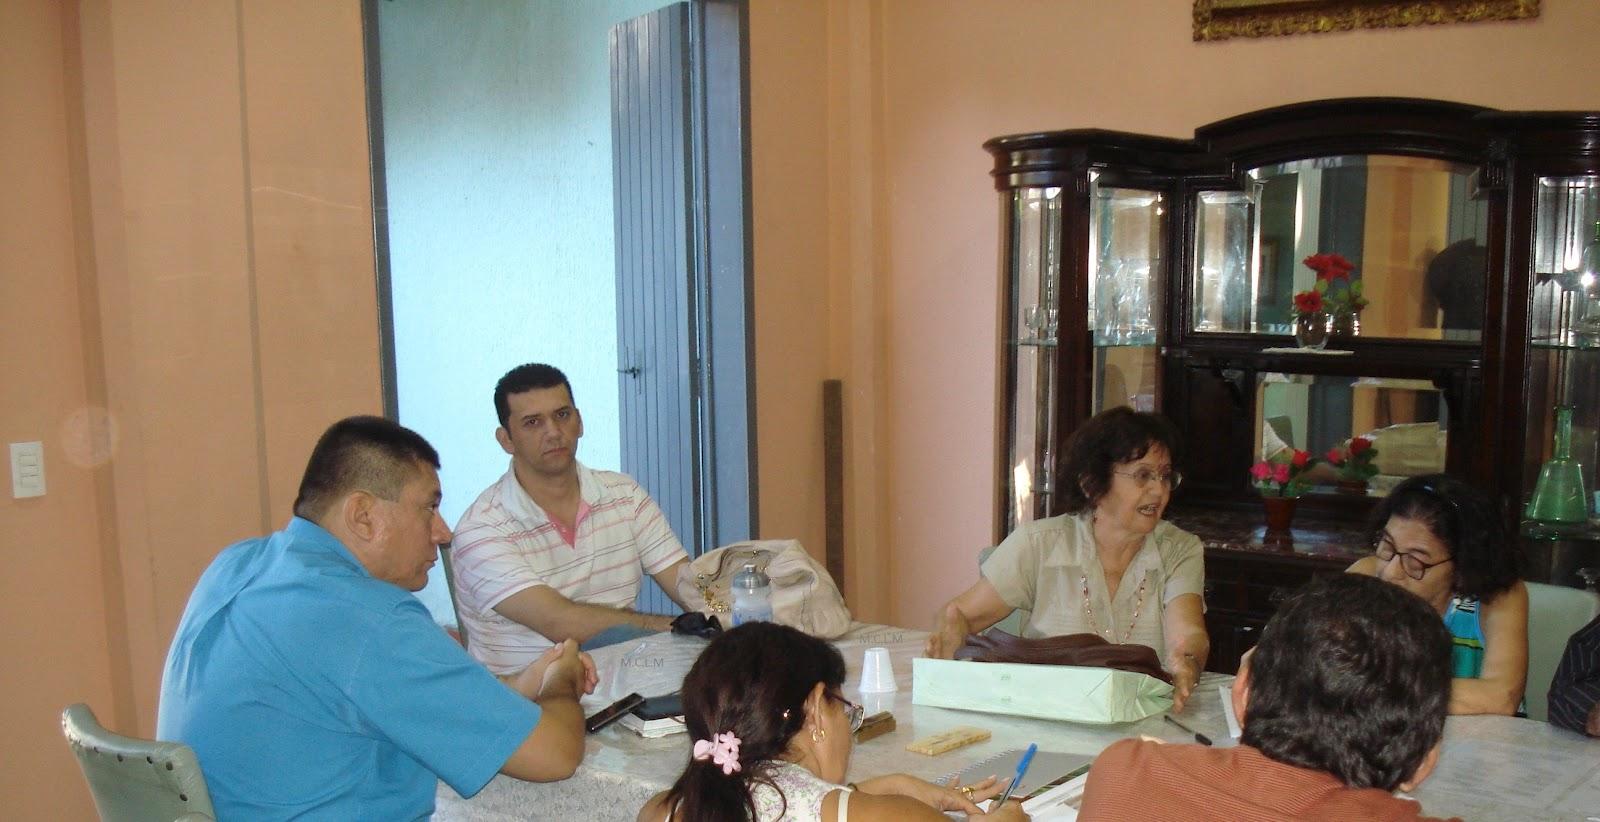 Academia de Letras Juvenal Galeno: Reunião da Academia em